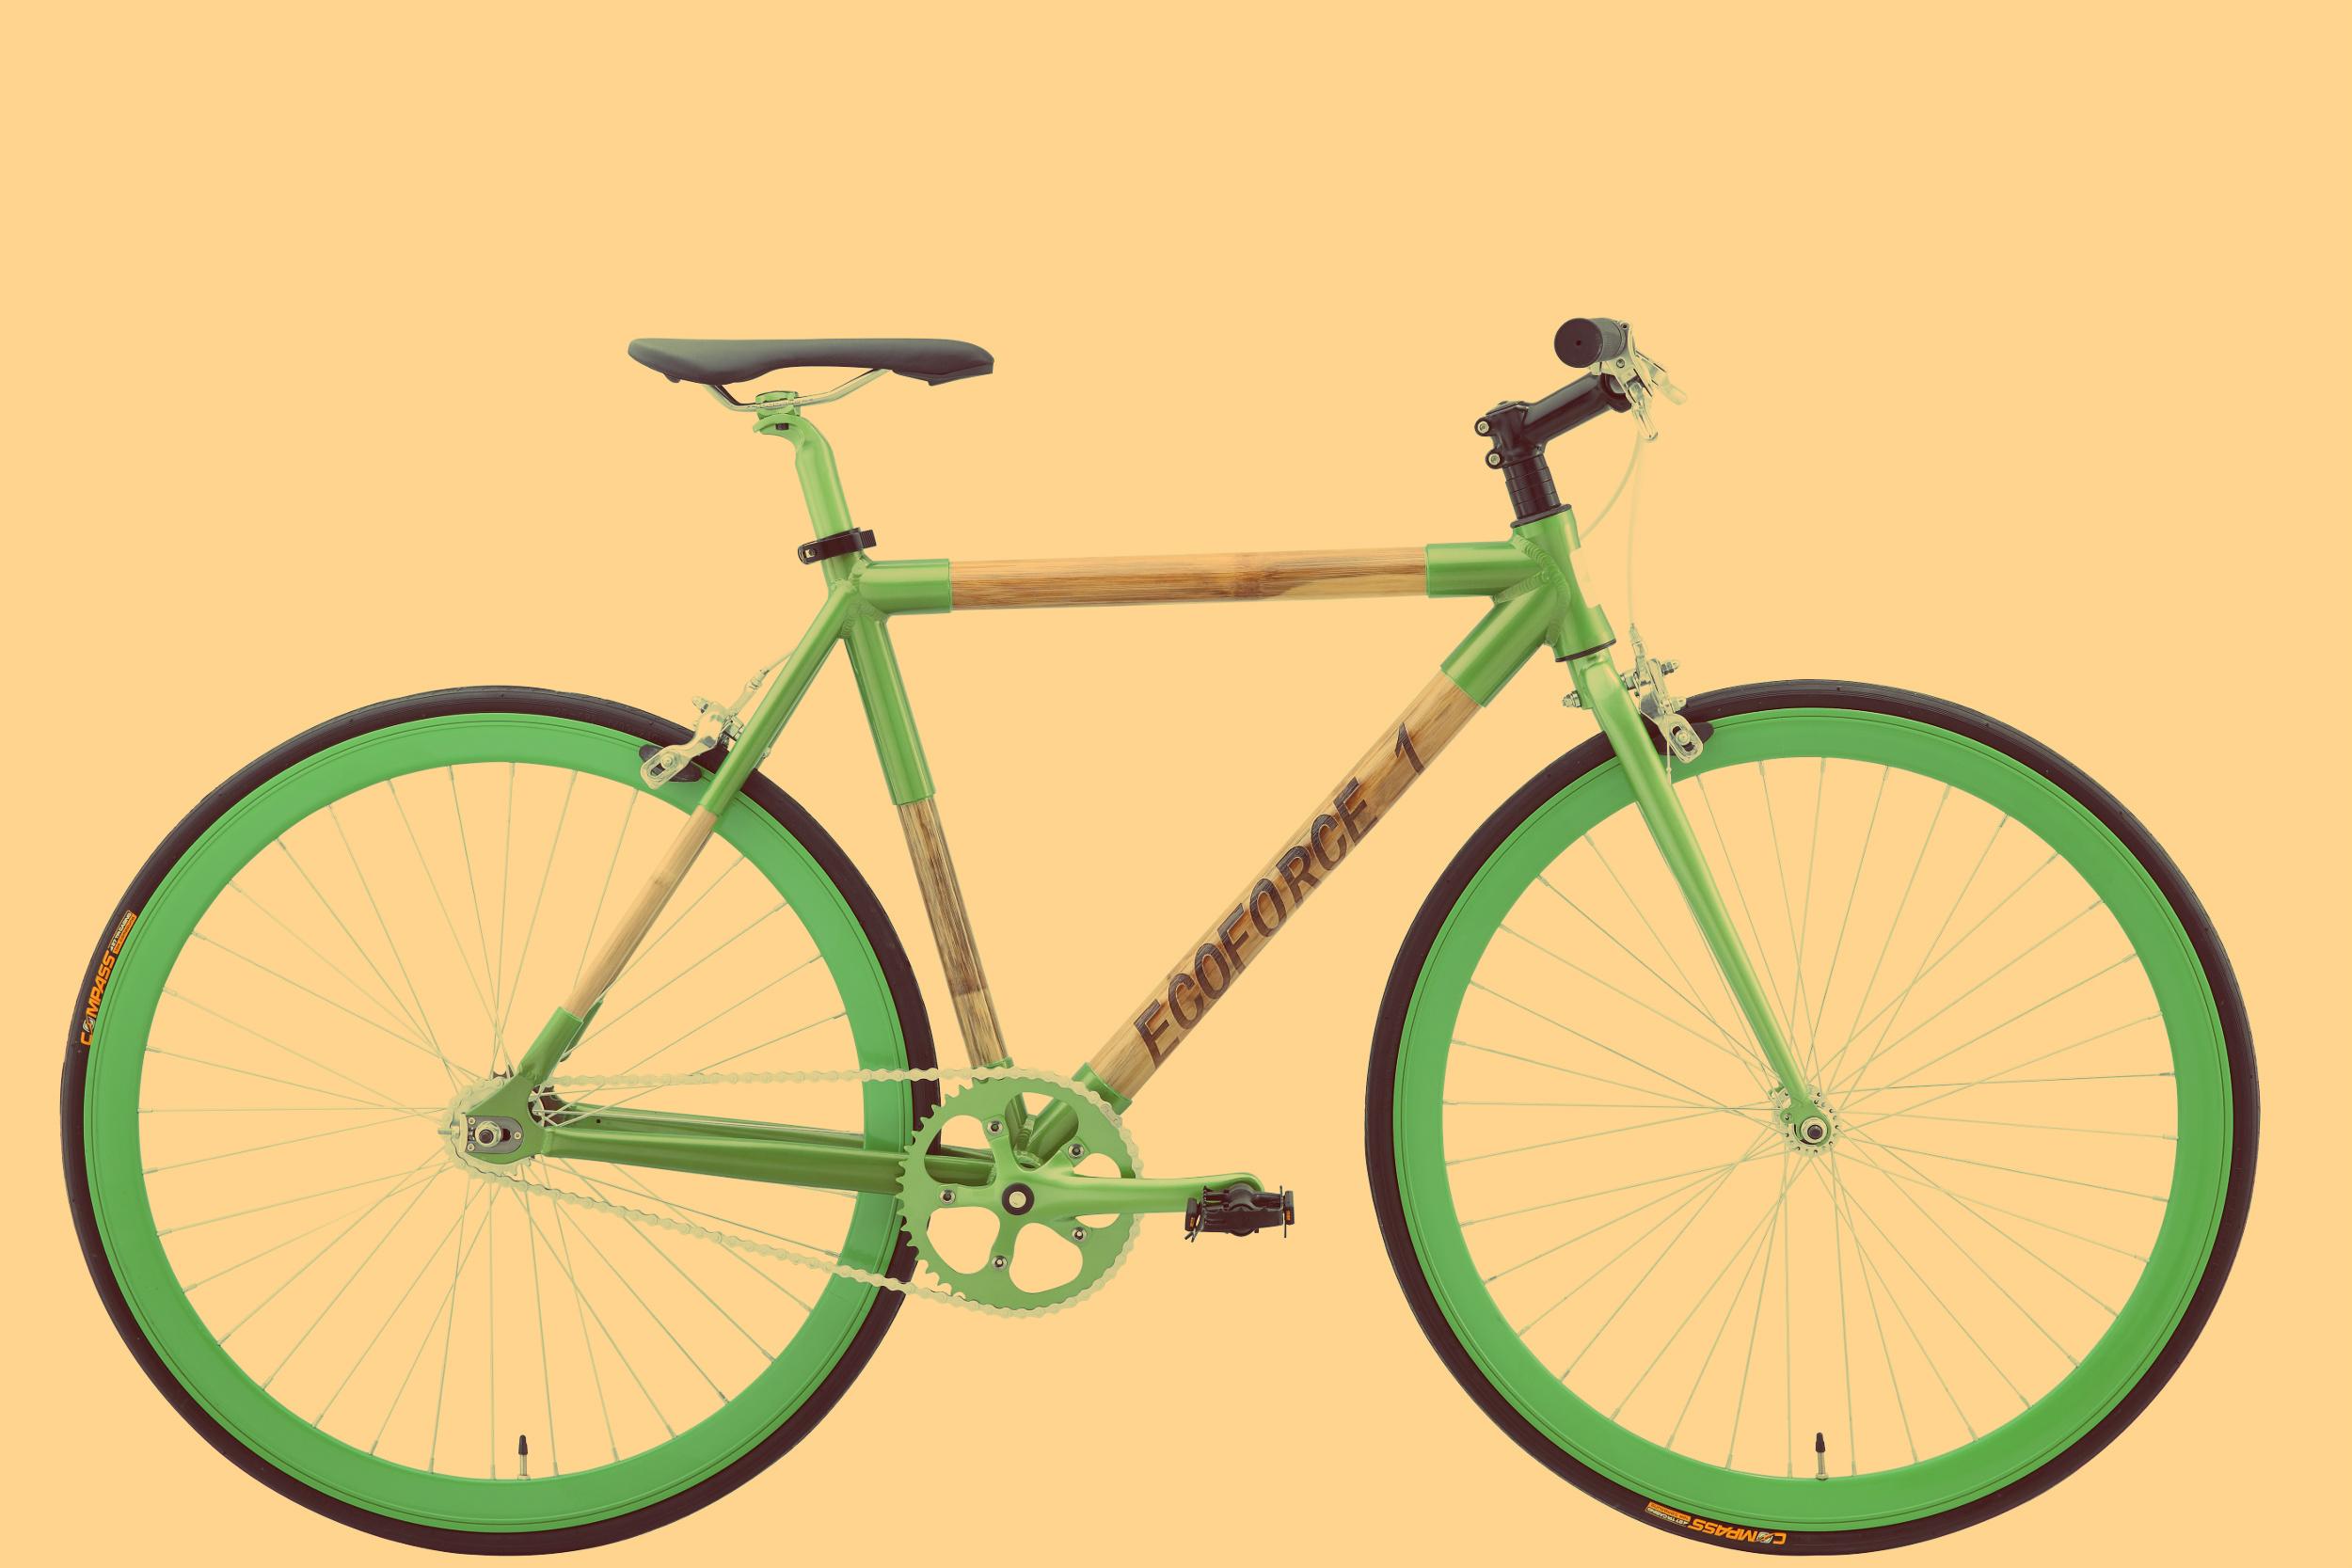 Greenstar Bikes отличается необычной рамой